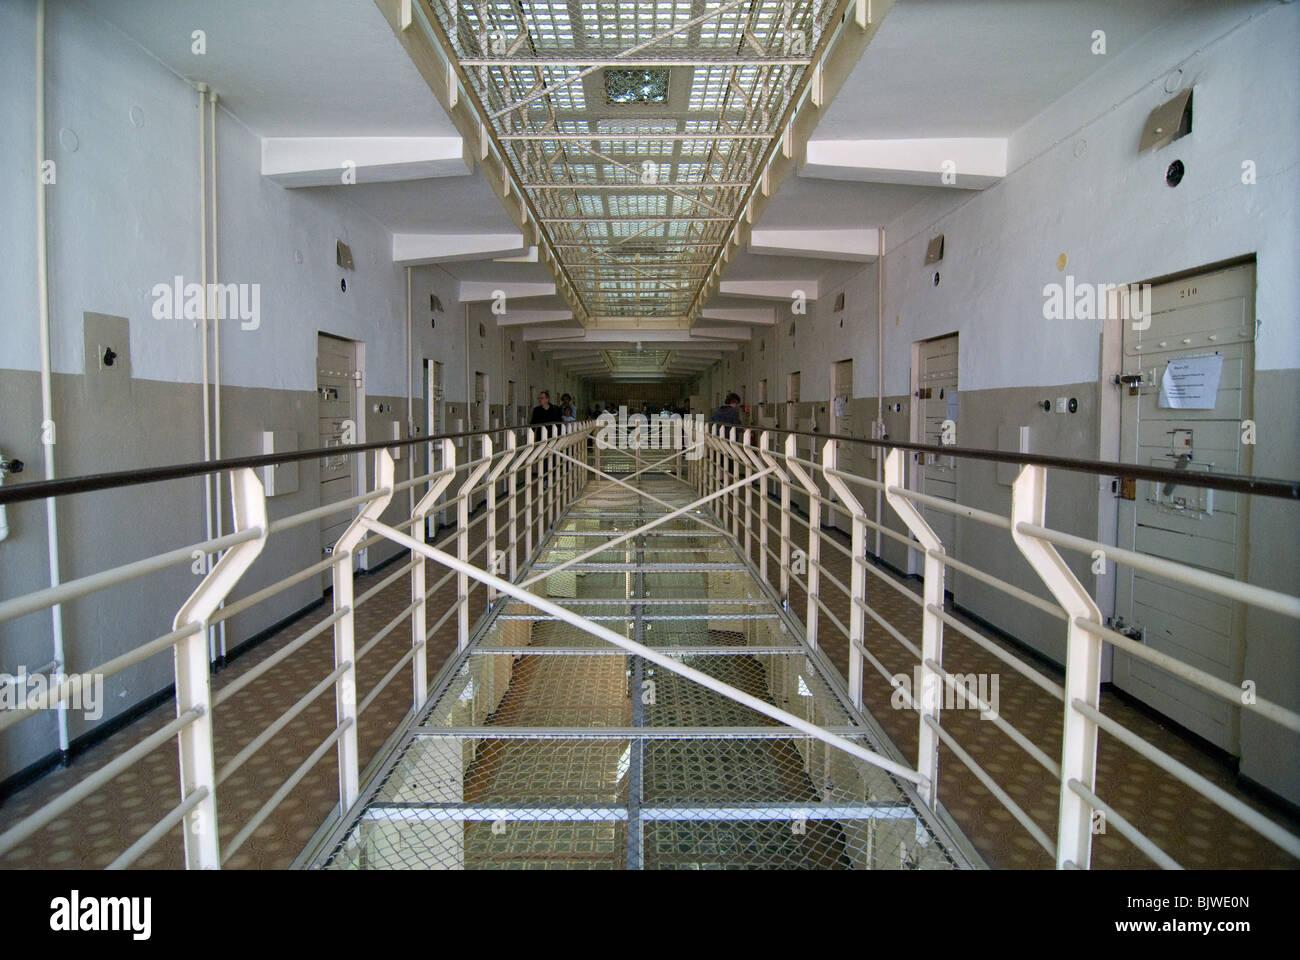 Memorial place Stasi prison in Rostock - Stock Image